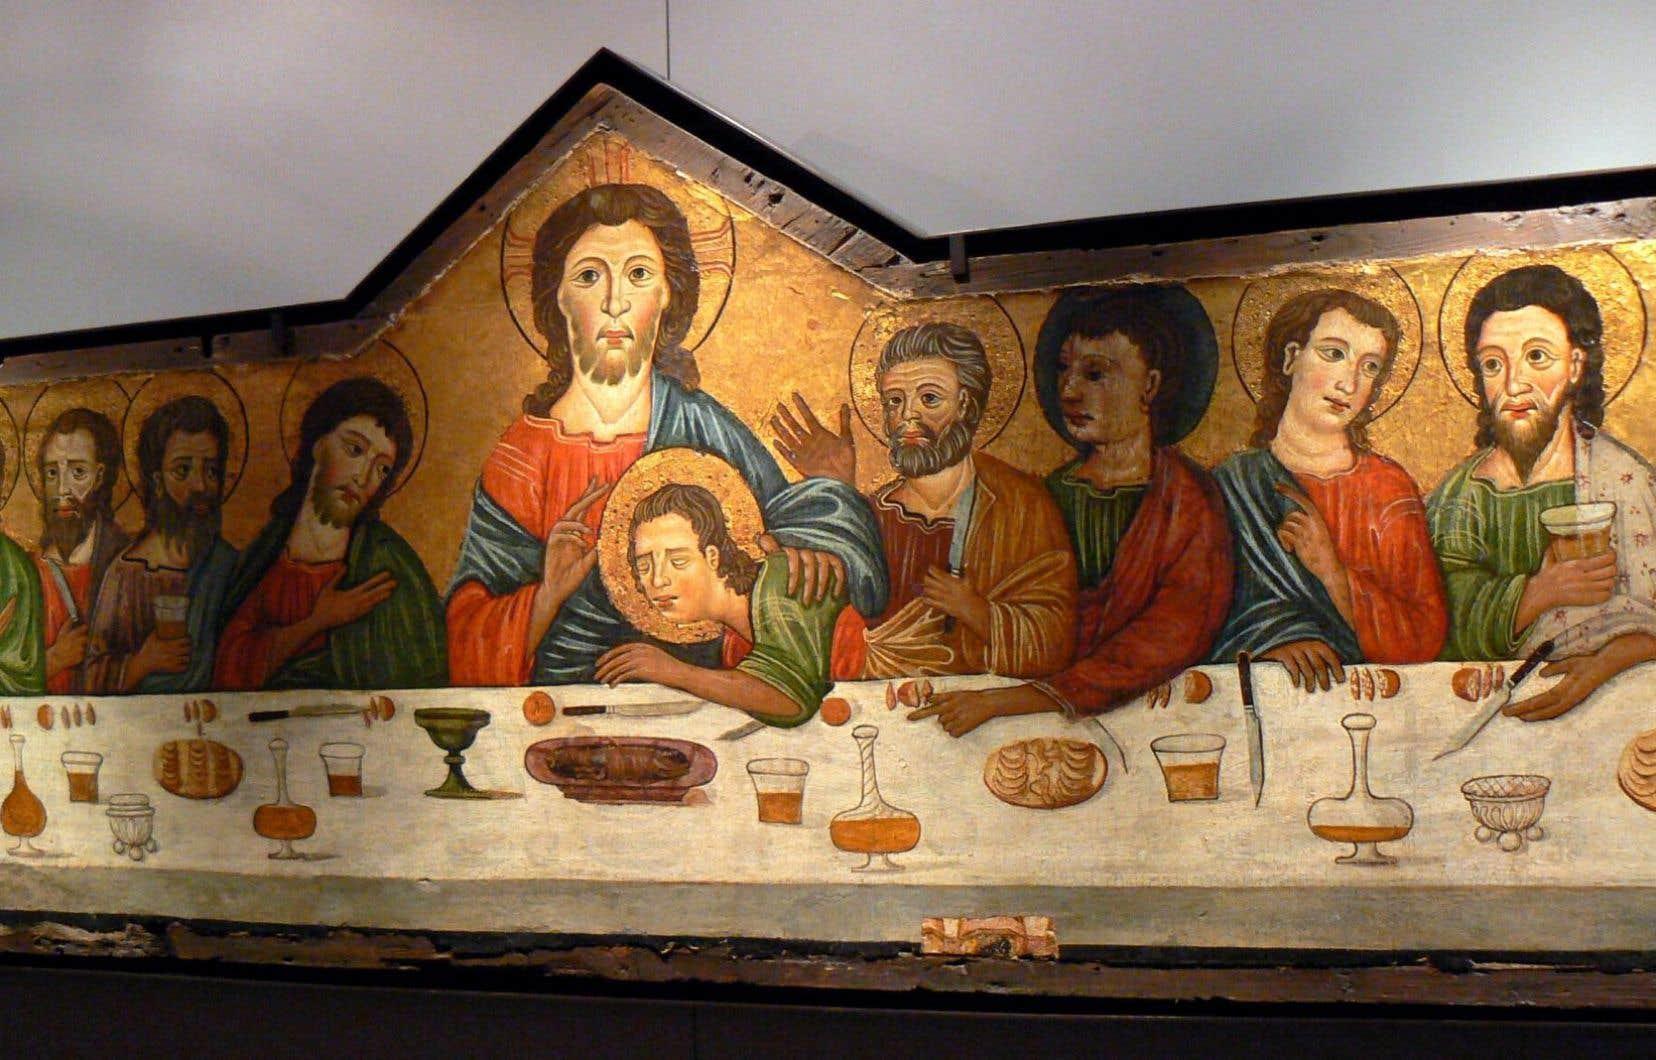 Détail de l'œuvre «La Cène», qui est le témoignage d'une mutation de l'espace pictural ayant eu lieu au XIIIe siècle.